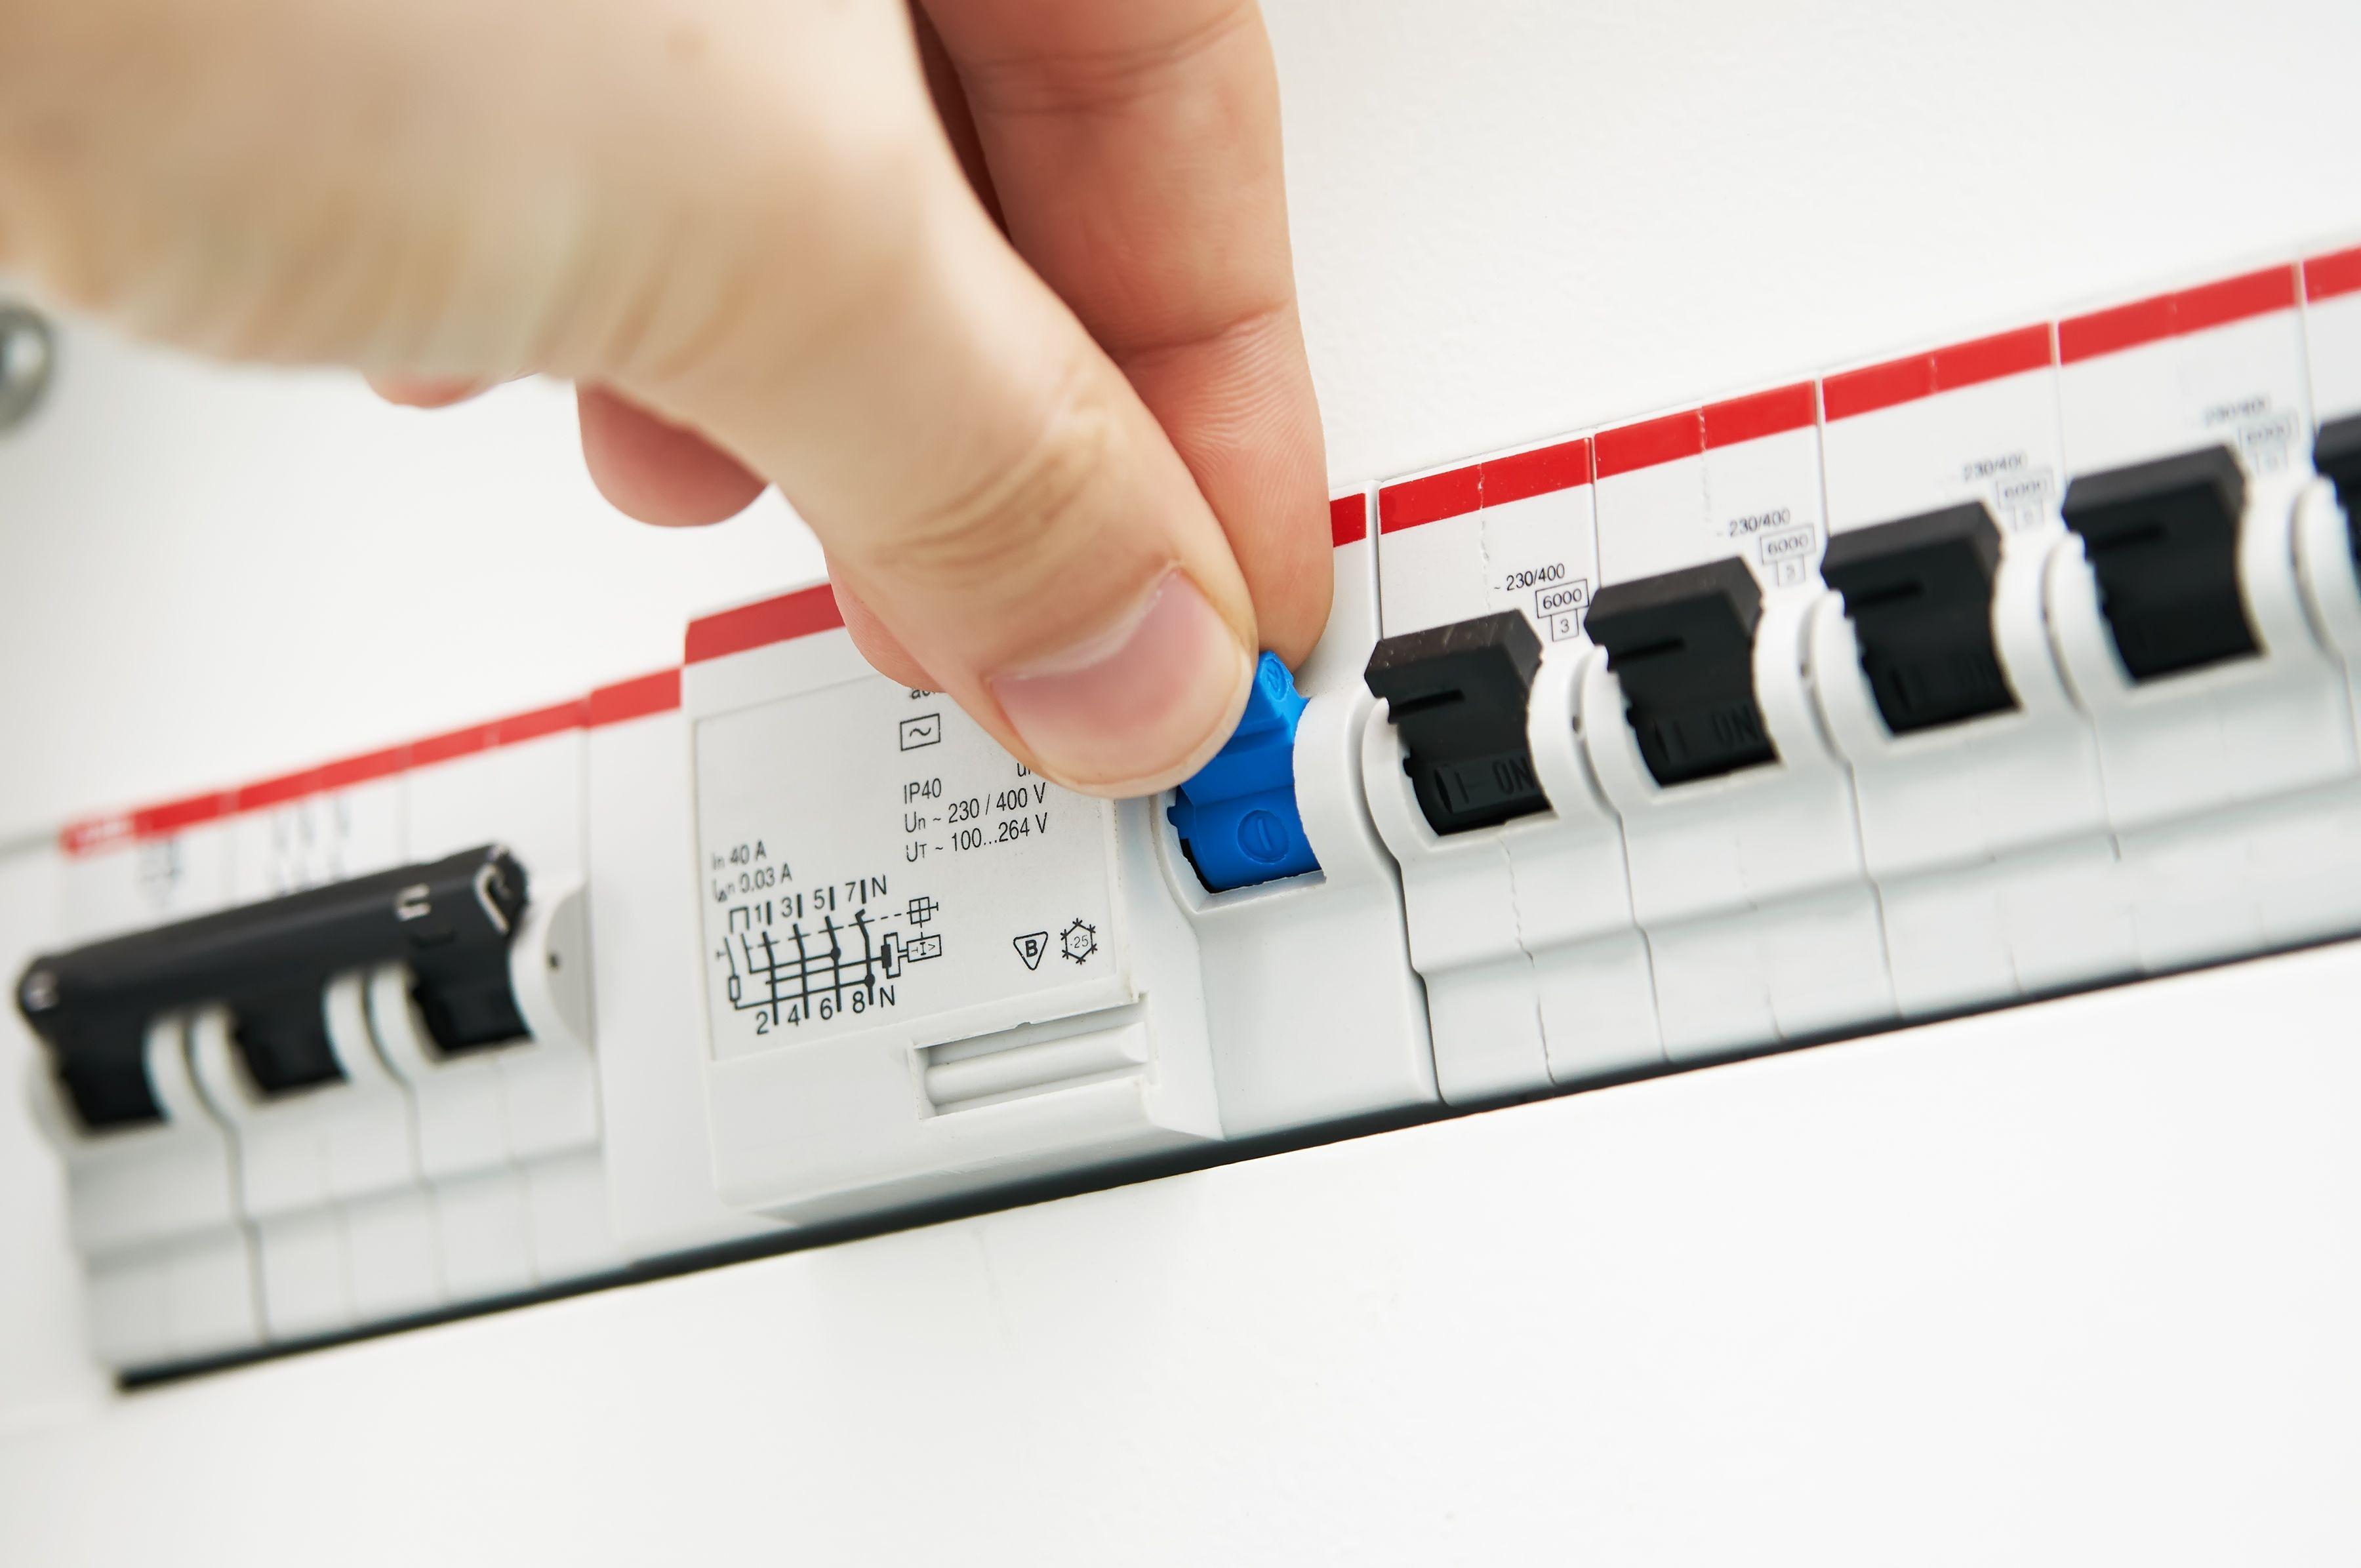 Electricidad: Servicios de Reformas con Calidad - Integro Construcciones